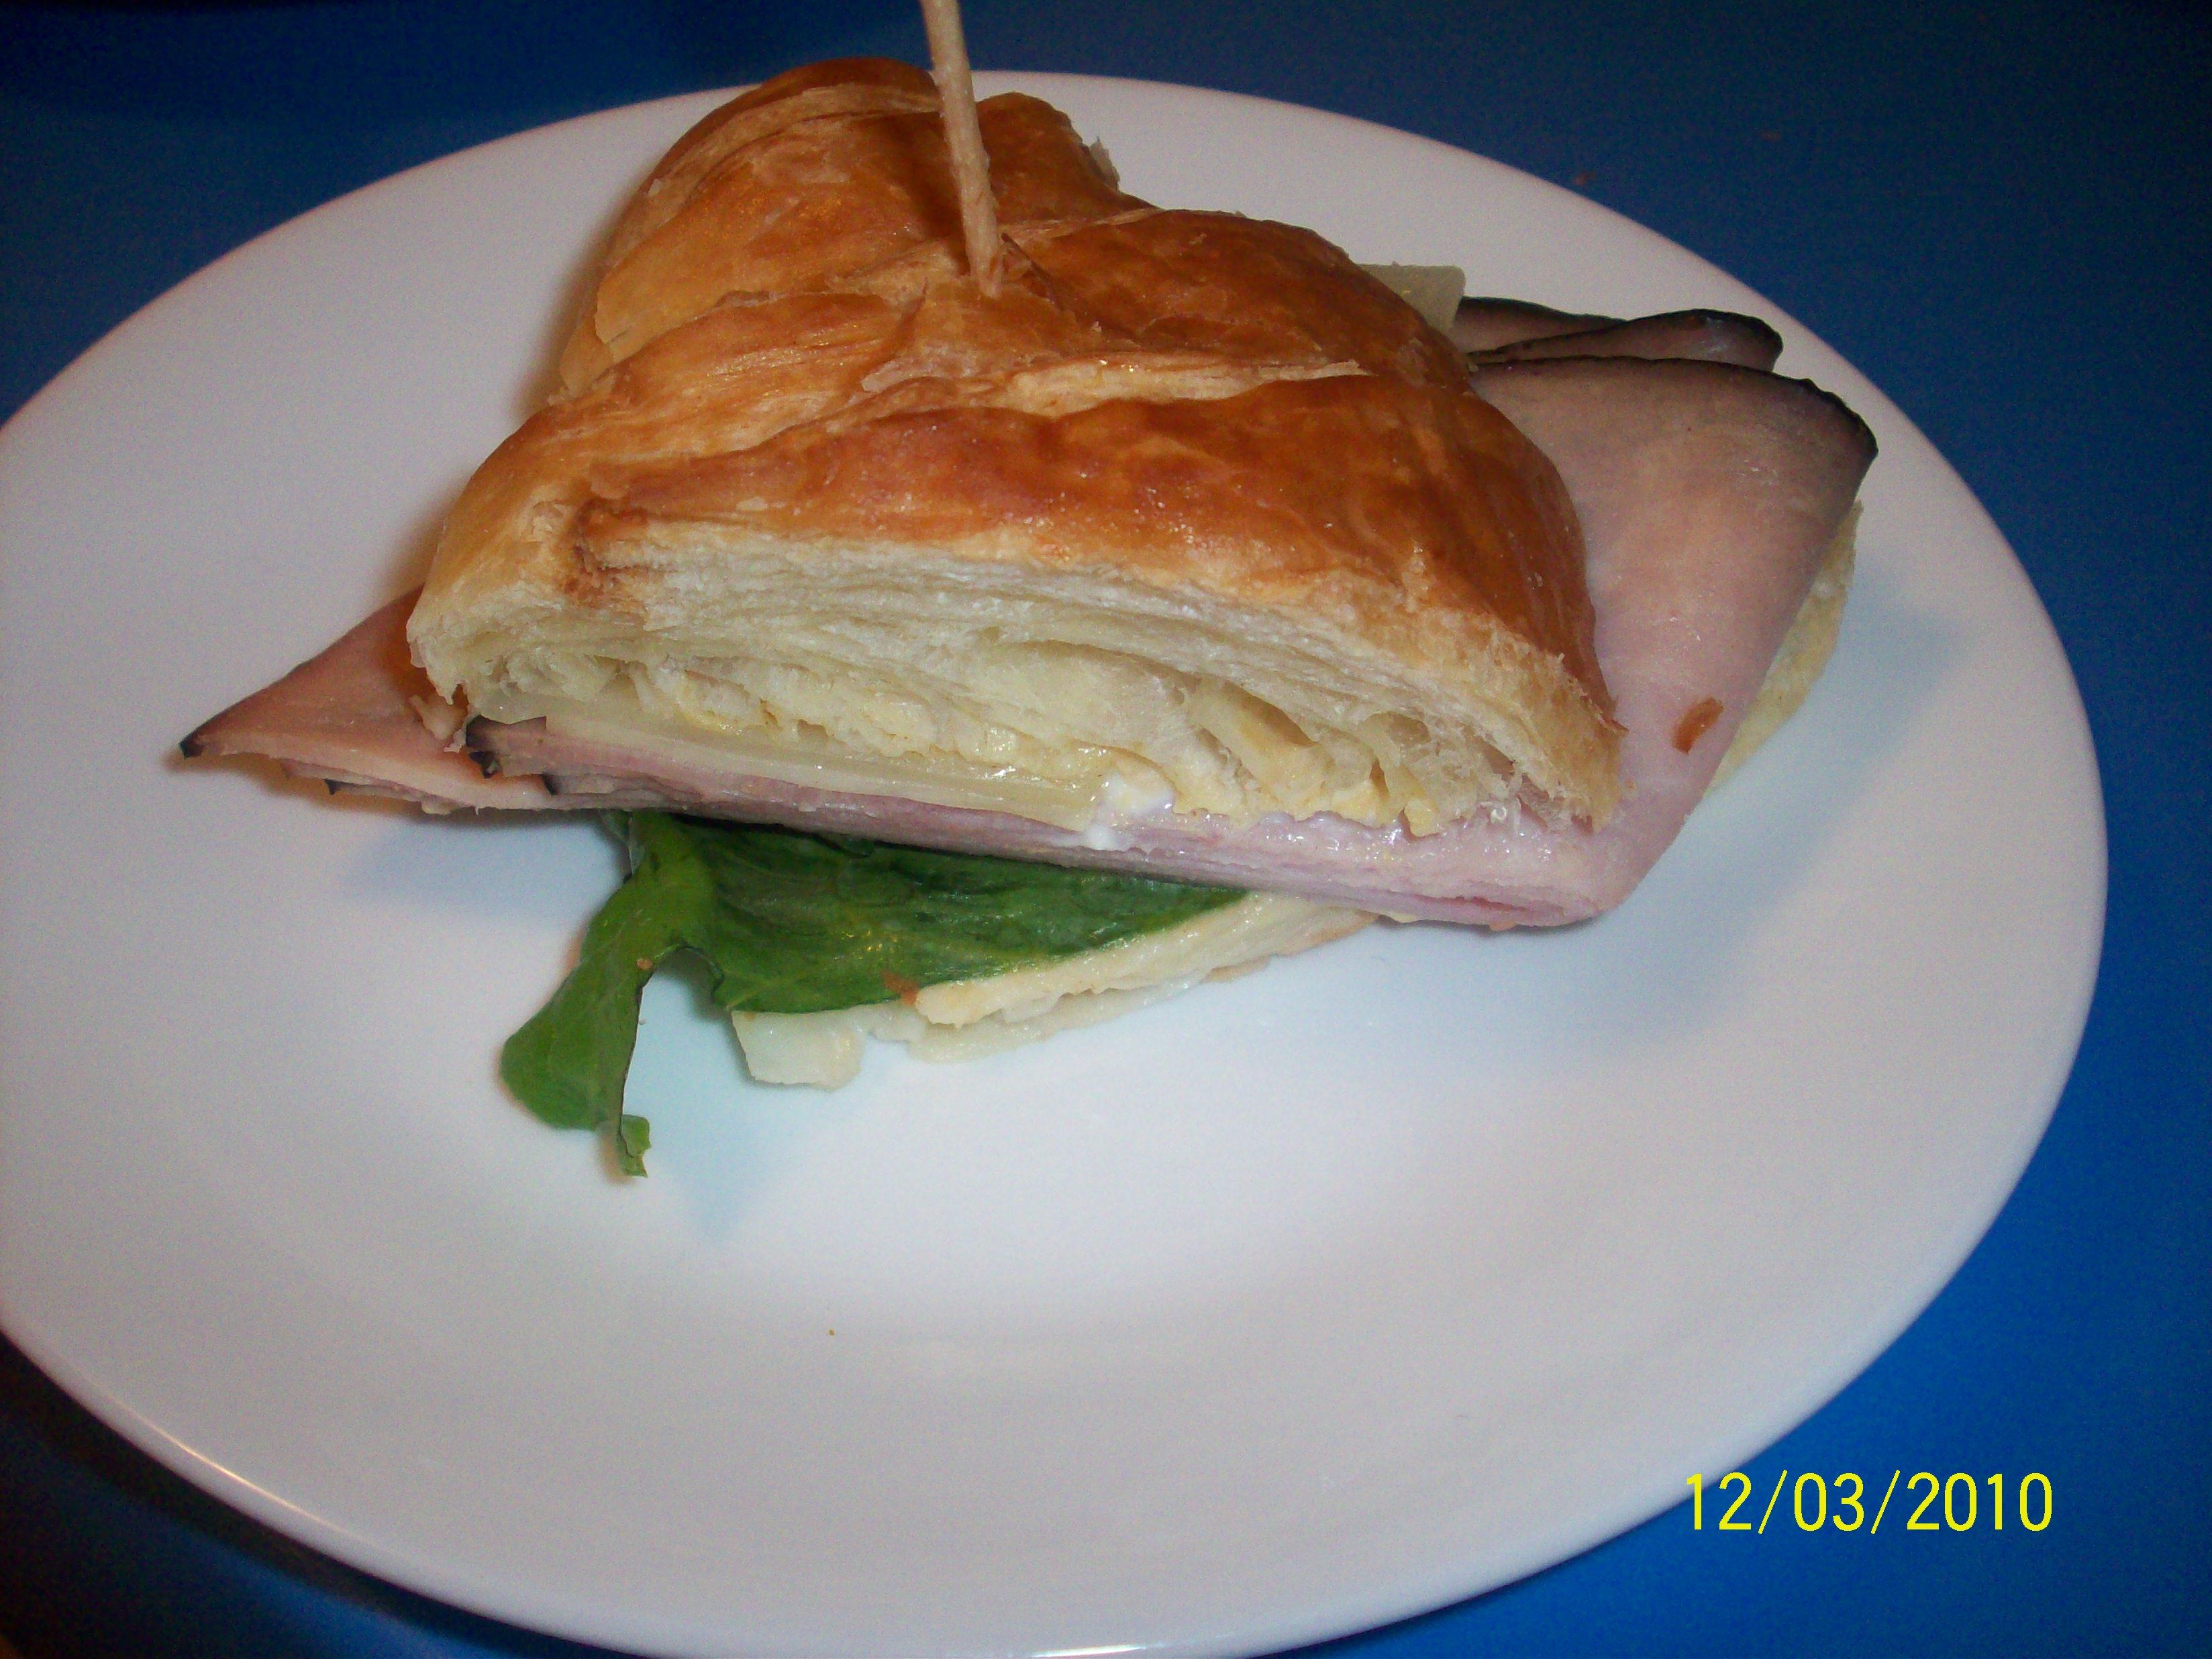 https://foodloader.net/cutie_2010-03-12_turkey_sandwich.jpg